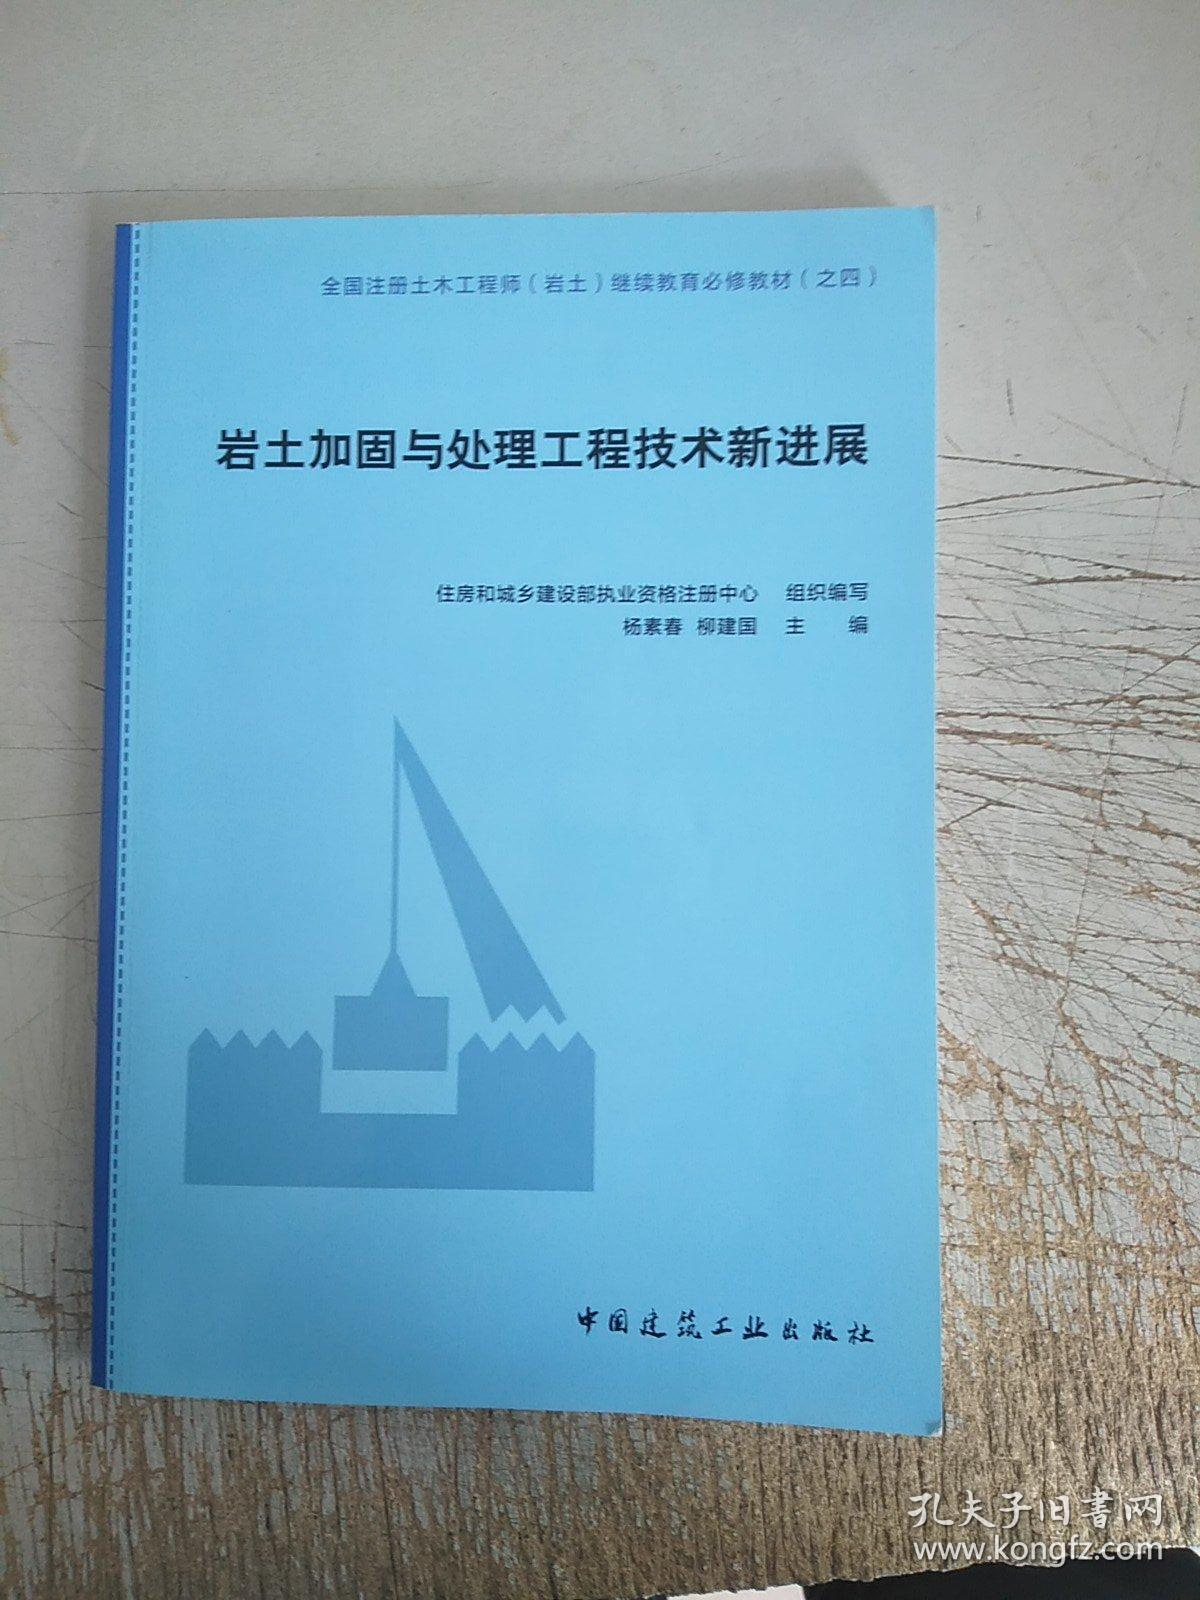 岩土加固与处理工程技术新进展(有几页划线)